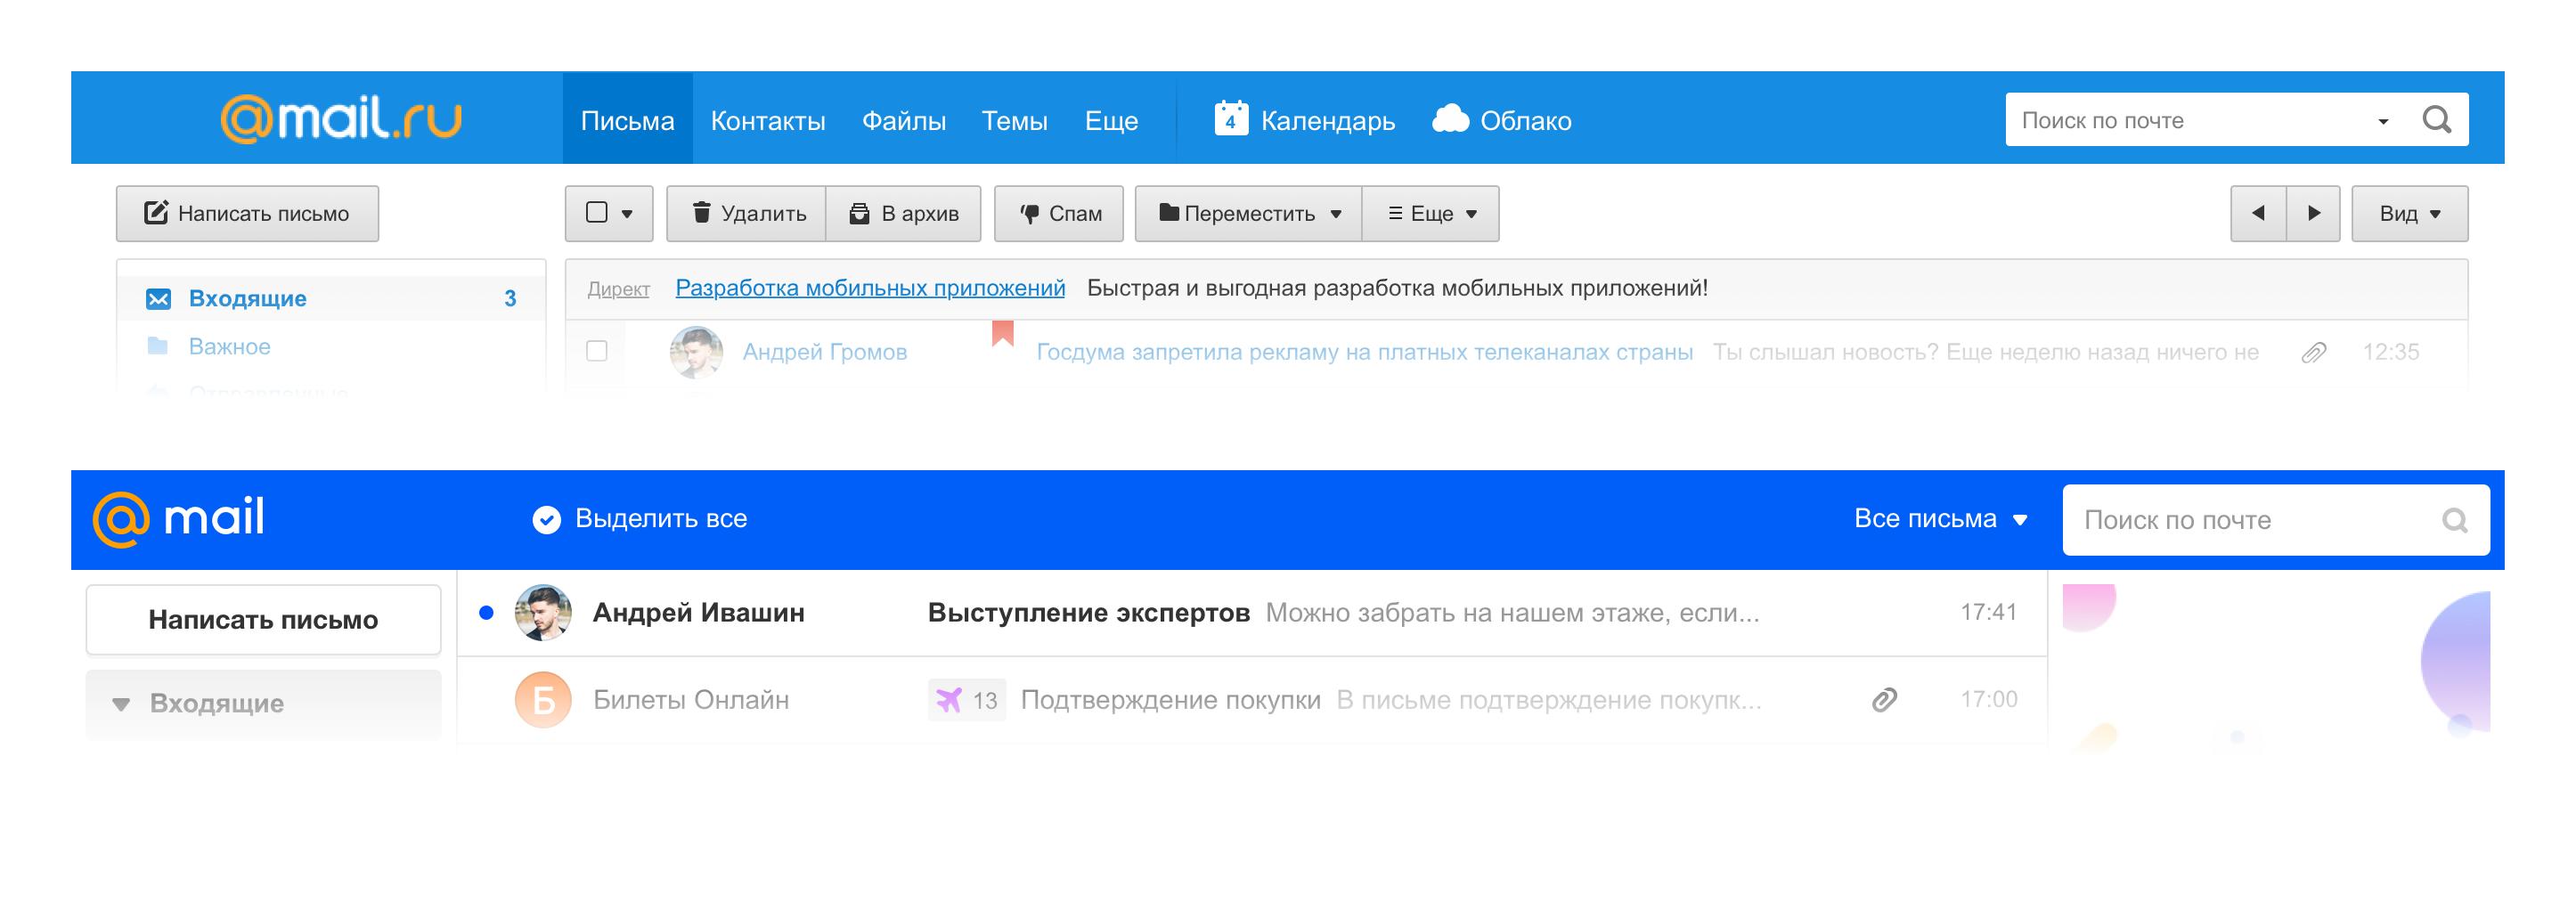 Новая Почта Mail.ru и при чем тут осьминог - 25